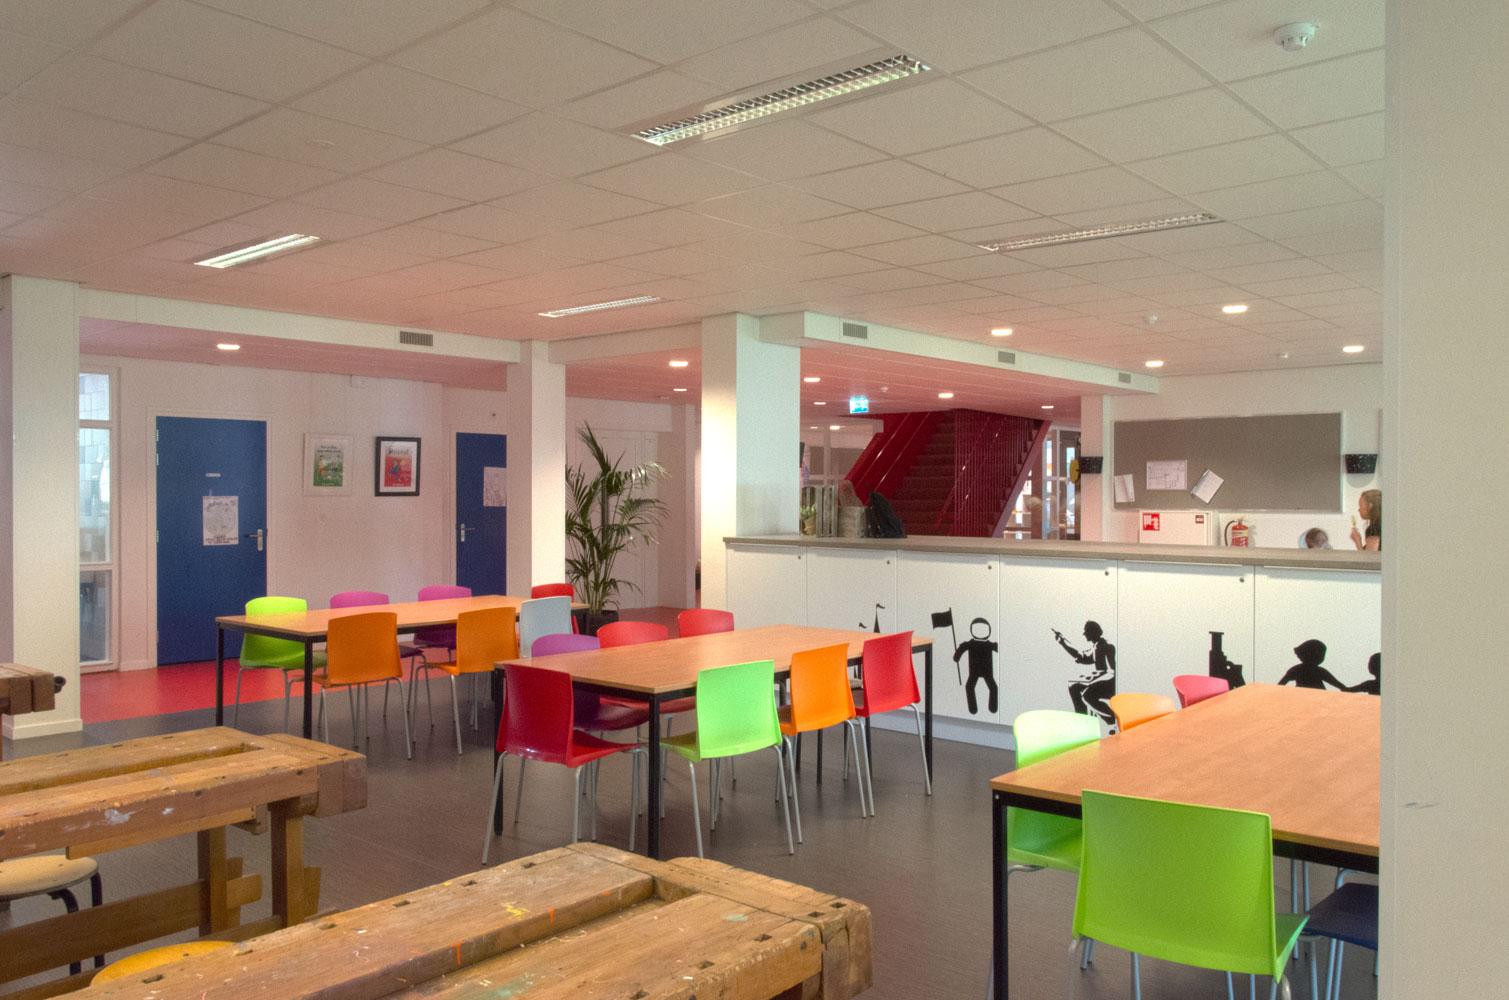 02312int2 Verbouwing basisschool De Hasselbraam Etten-Leur